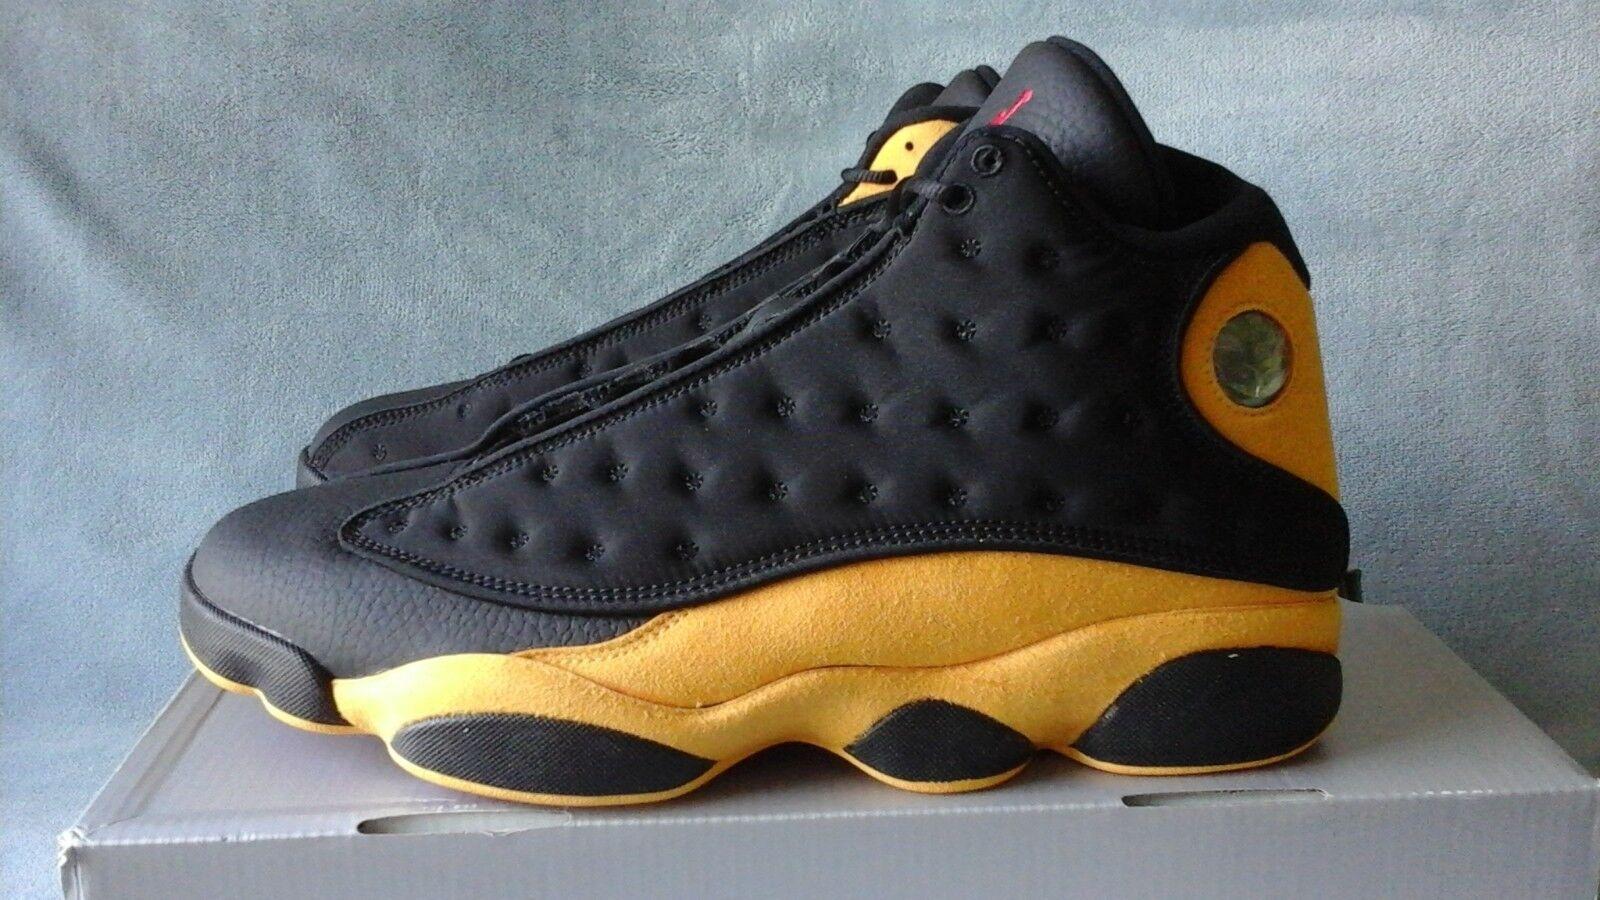 Nike Air Jordan Jordan Jordan 13 Retro Melo Class of 02 B Grades 414571-035 Size 12.5 ba2d45